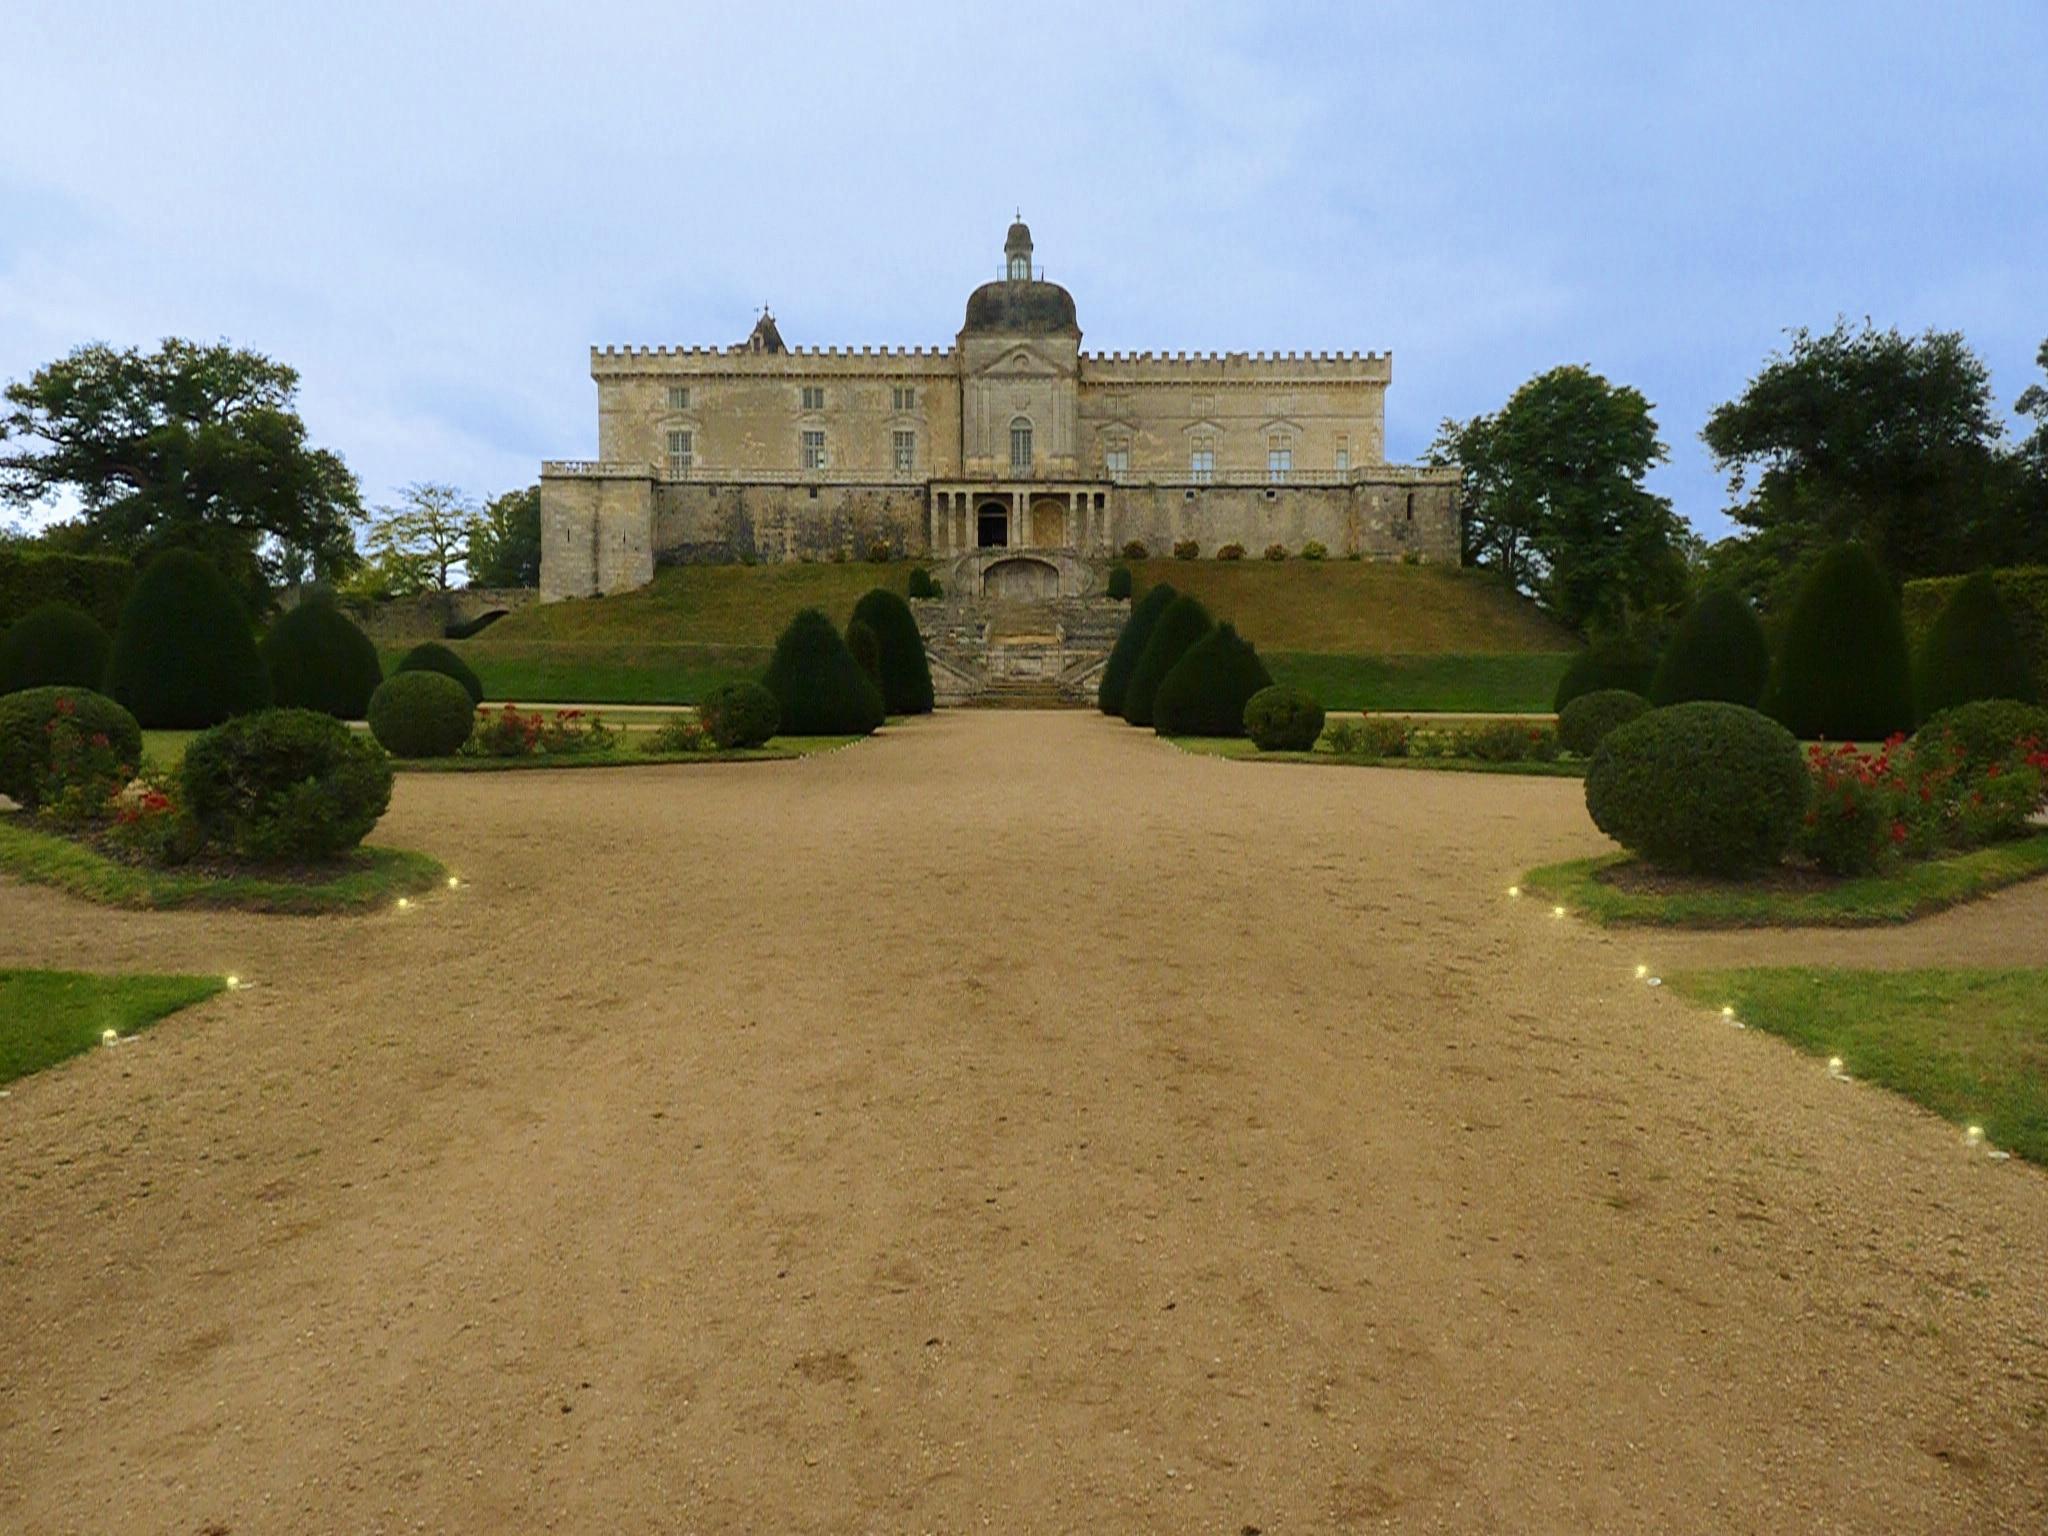 Château de Vayres, Vayres, Gironde (departement), Frankrijk